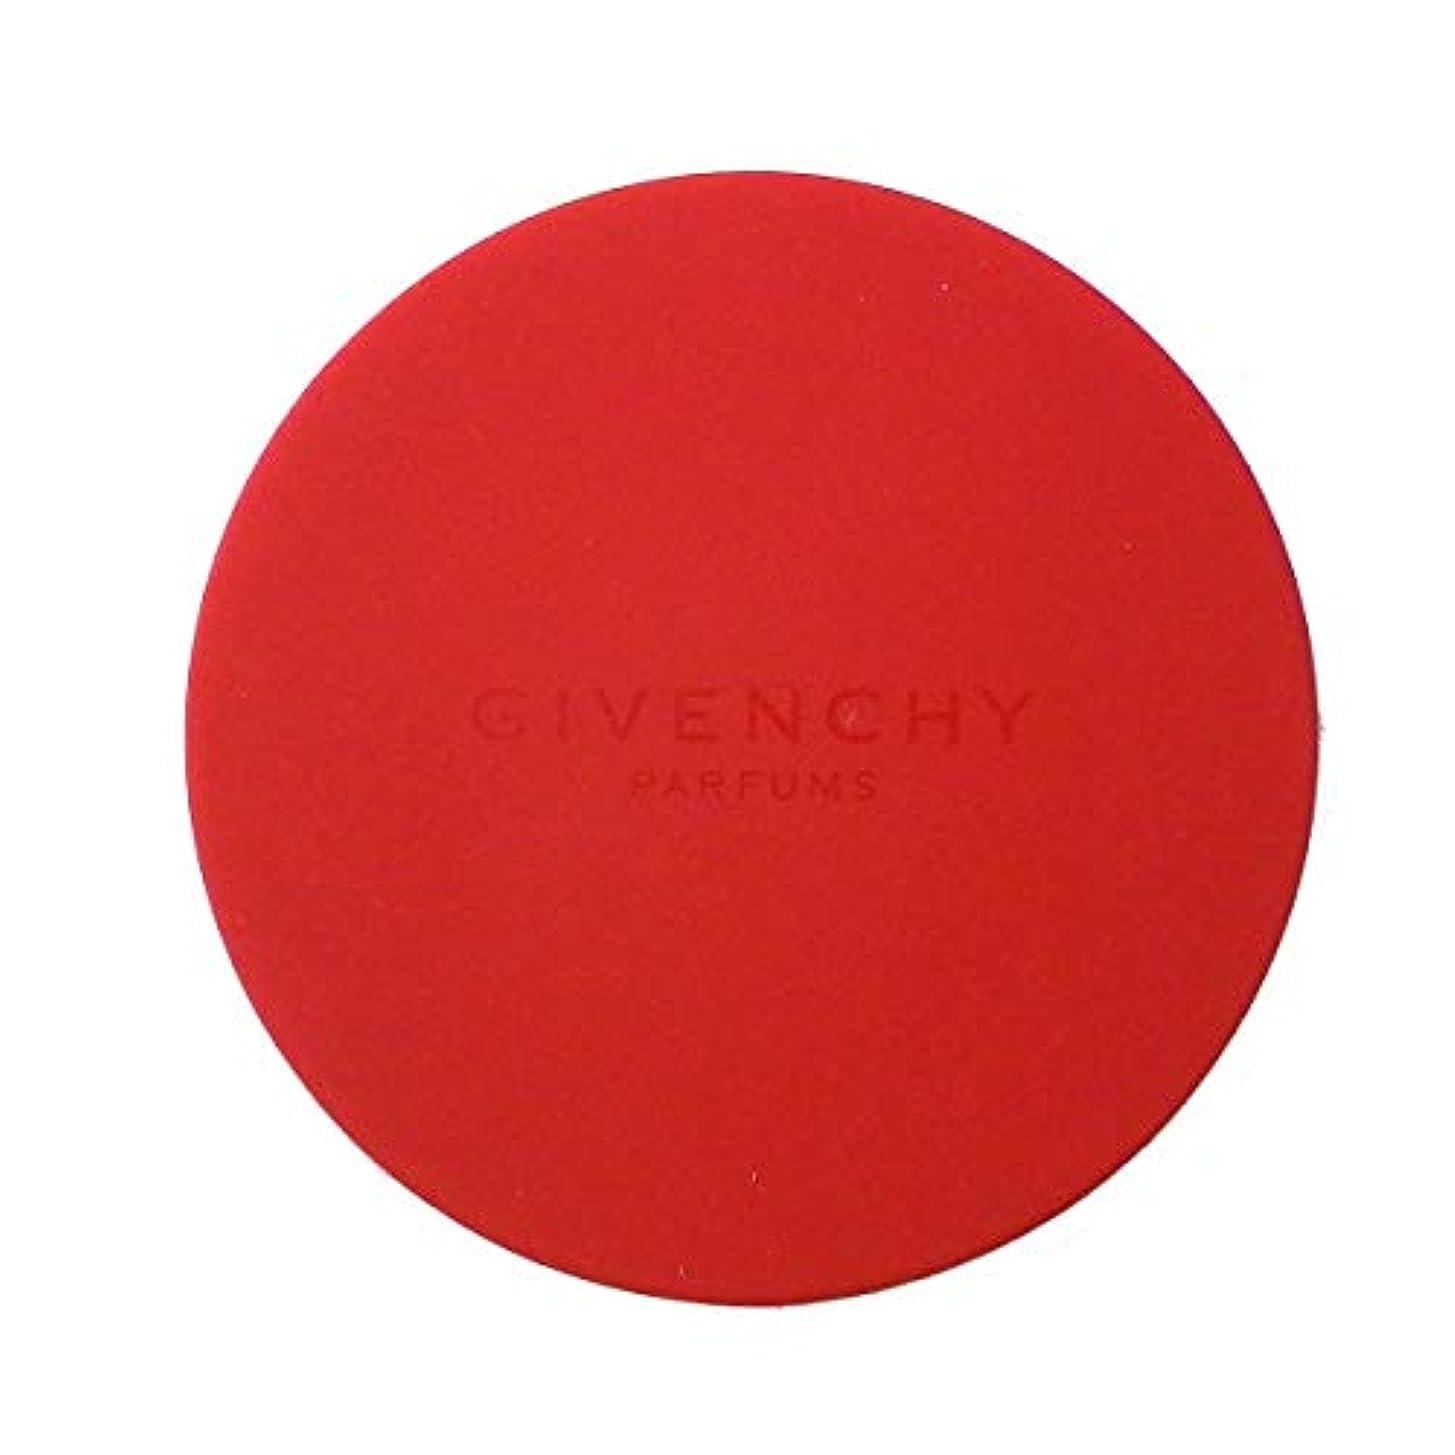 マークされた脅かすり(ジバンシー) GIVENCHY スライドミラー 鏡 赤 レッド ロゴ コンパクト ミニ 小さめ カバー ラバー 携帯用 化粧 メイク コスメ 海外限定